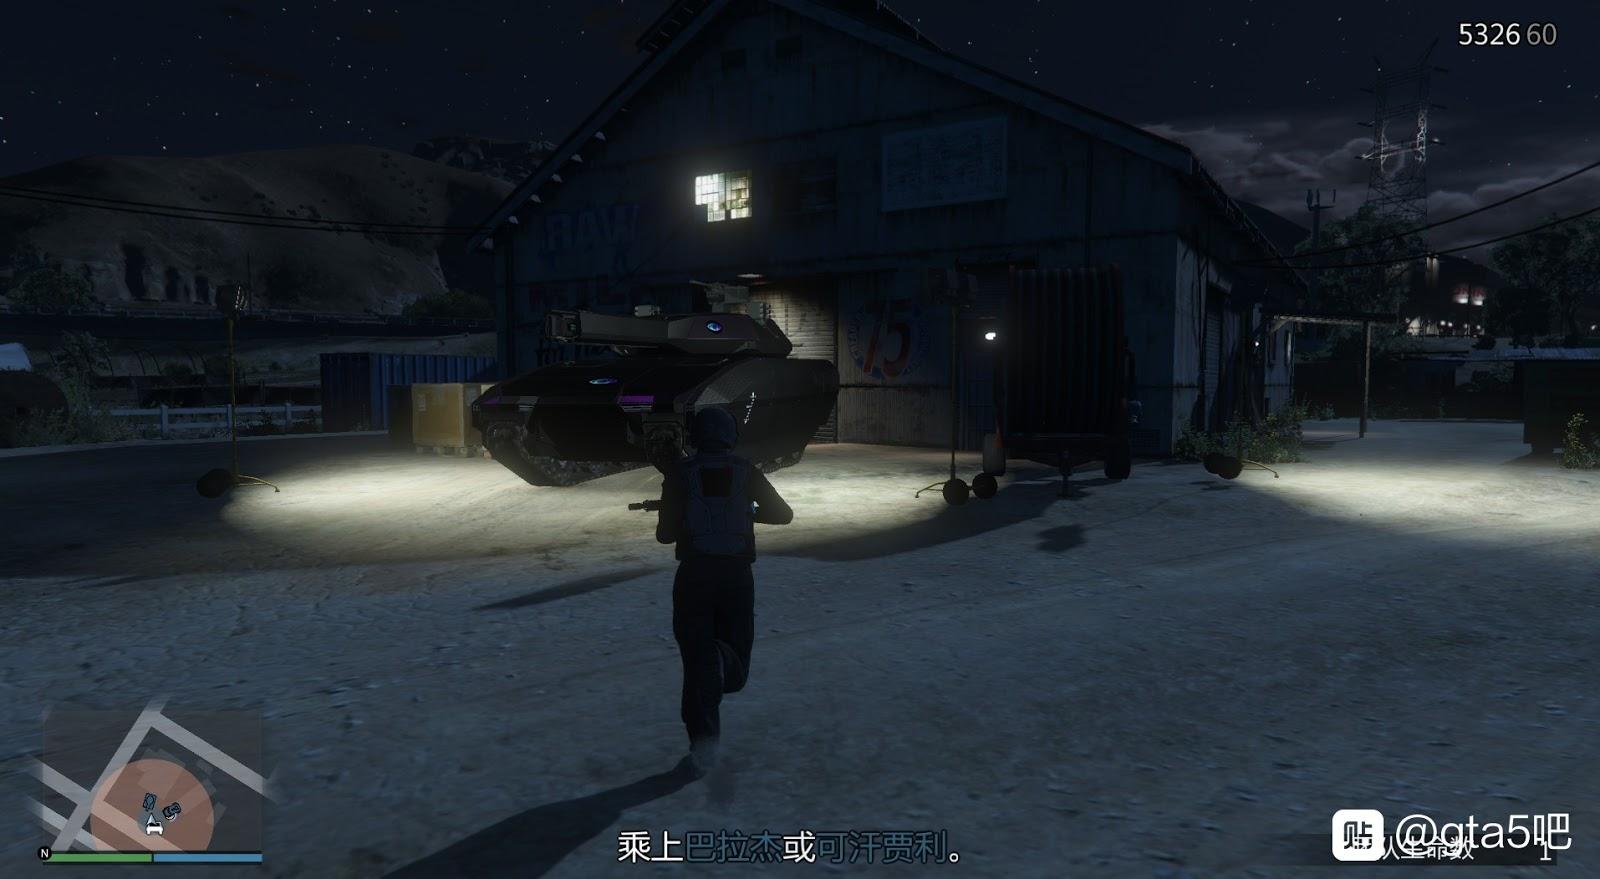 俠盜獵車手 5 (GTA 5) online版末日搶劫3單刷方法 | 娛樂計程車